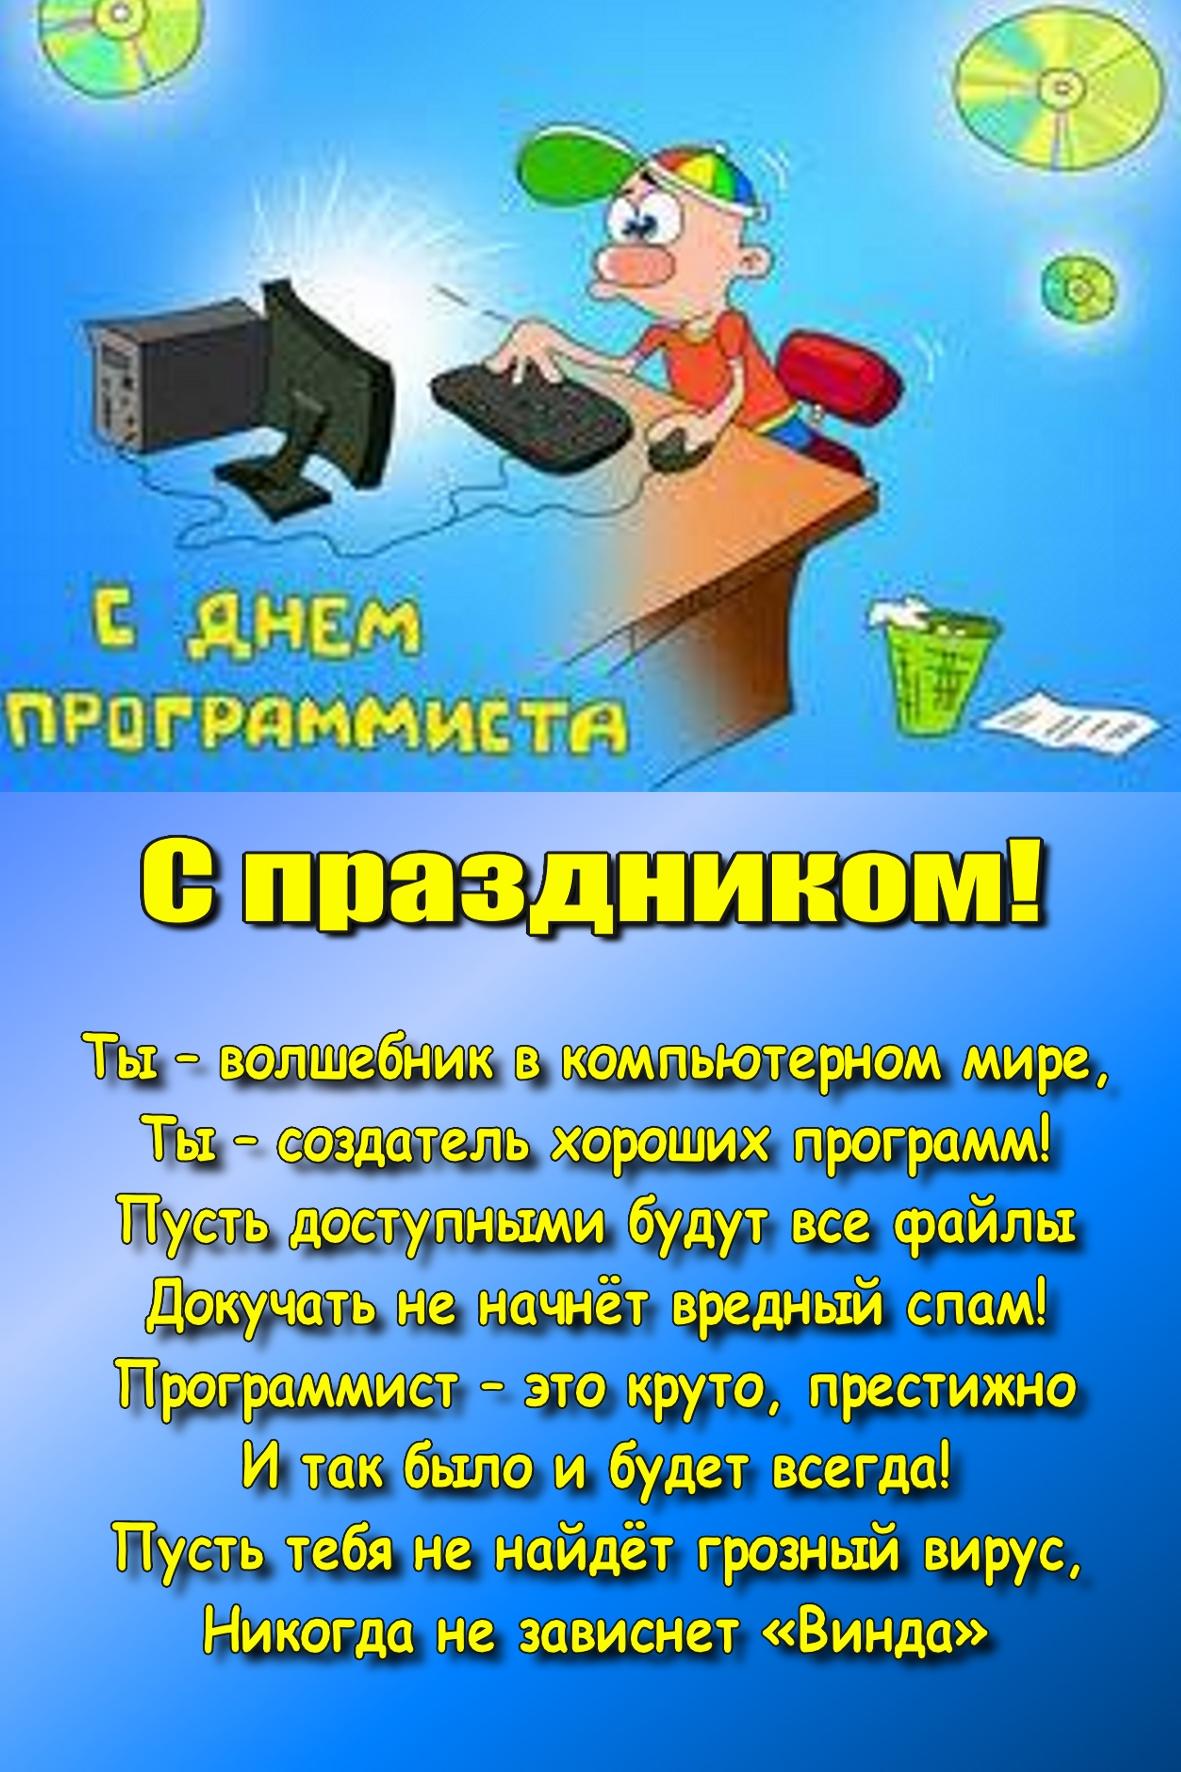 Поздравление с днем рождения открытка программисту, картинки пожеланием